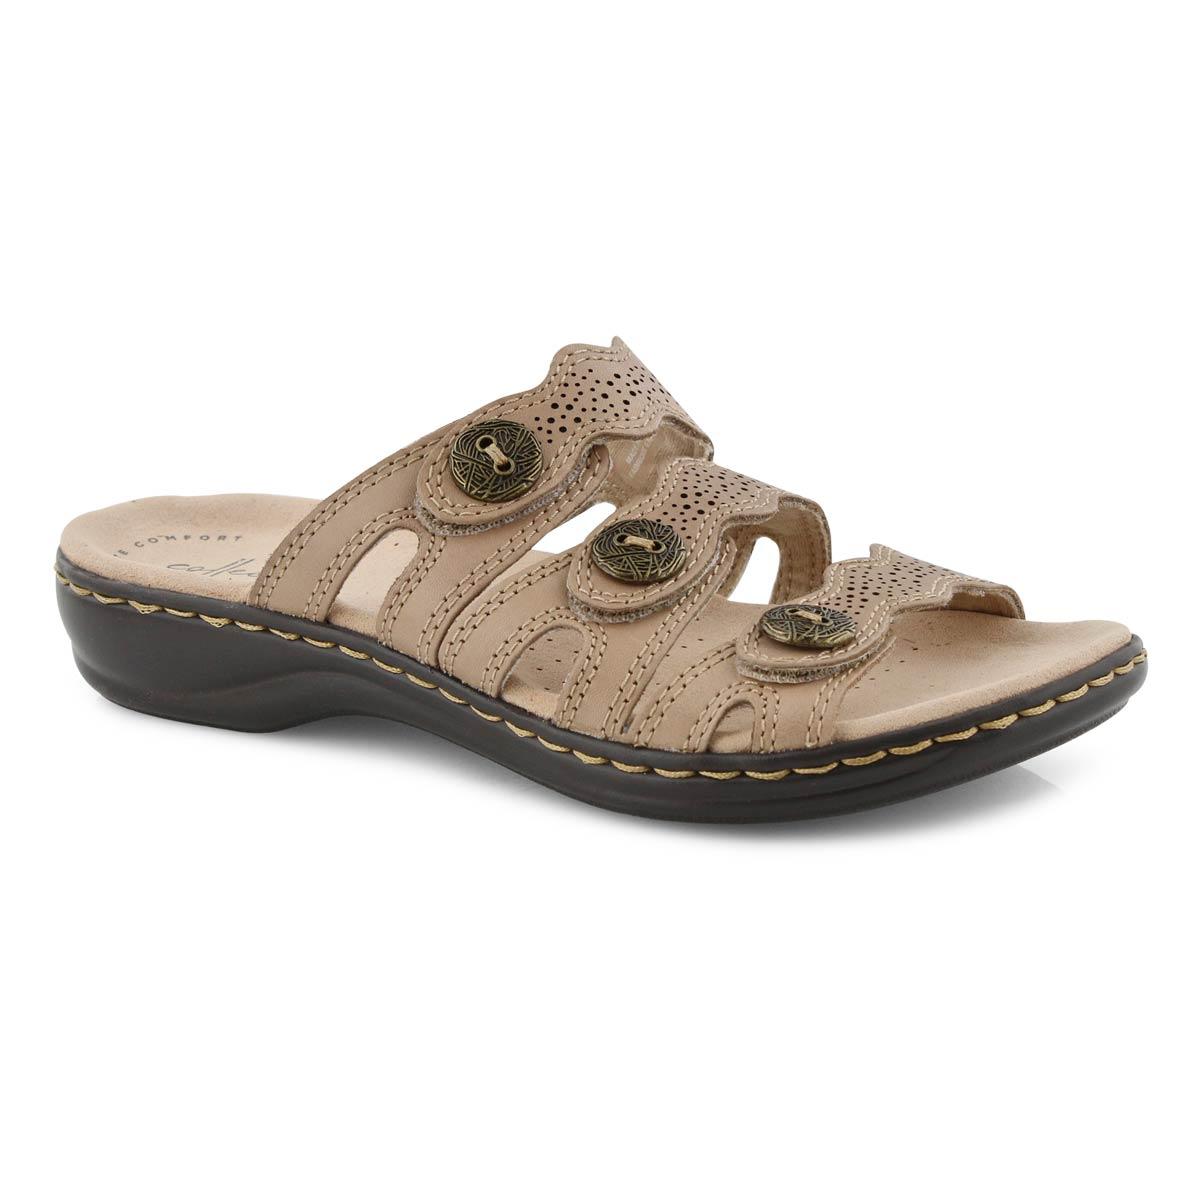 Lds Leisa Grace sand casual slide sandal